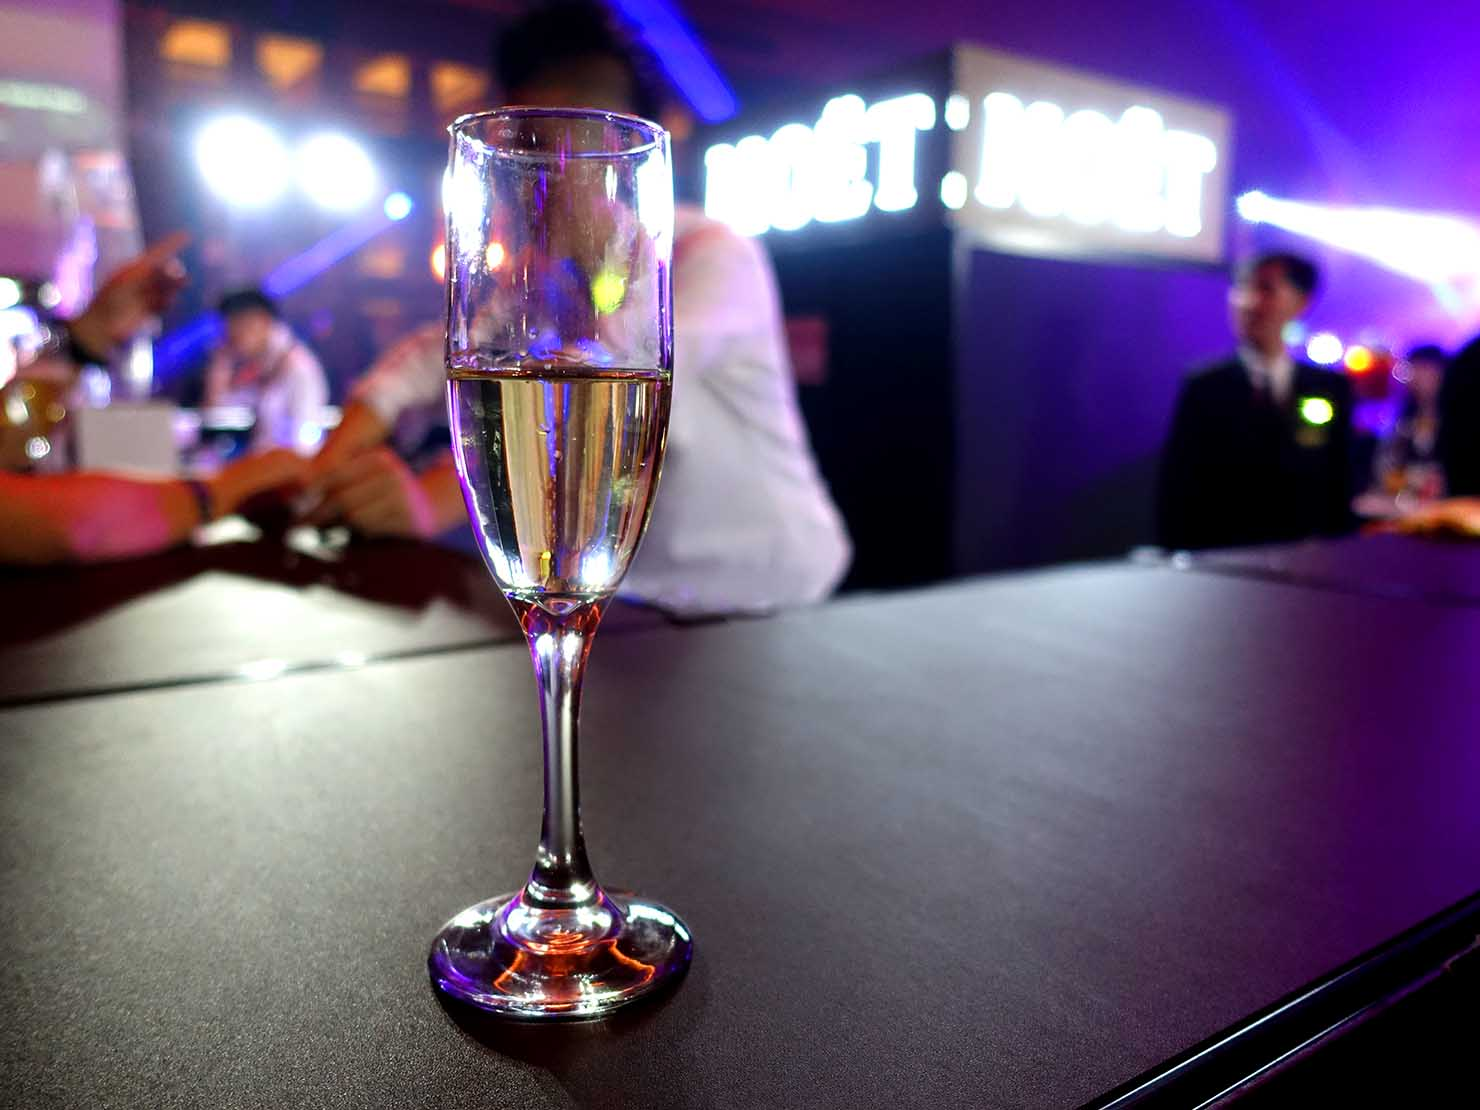 台北・圓山大飯店のカウントダウンパーティー「Bling Bling跨年派對」会場のバーカウンターで振舞われたウェルカムシャンパン